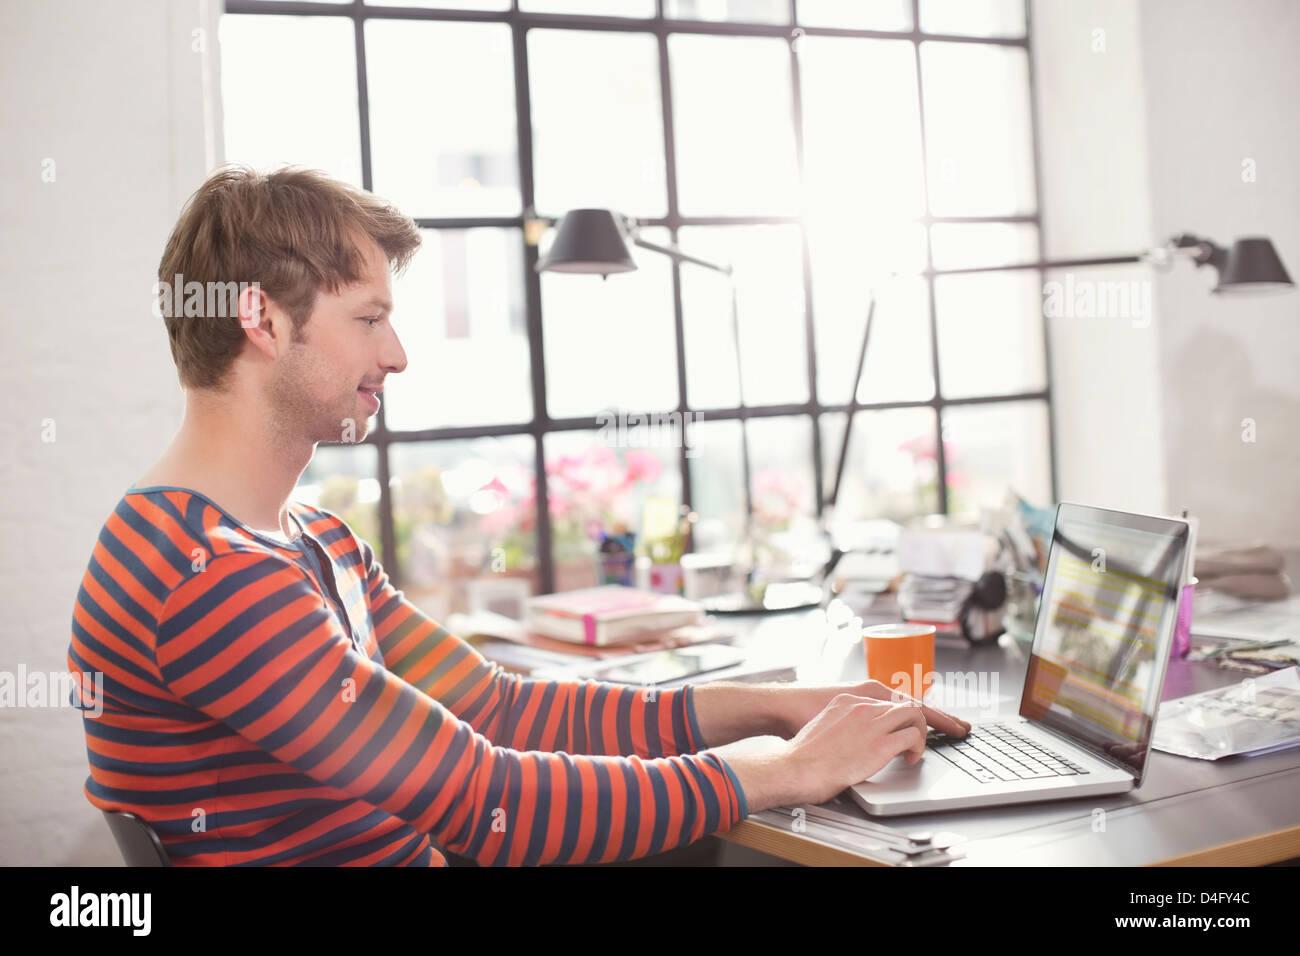 Hombre con un portátil en una mesa Imagen De Stock